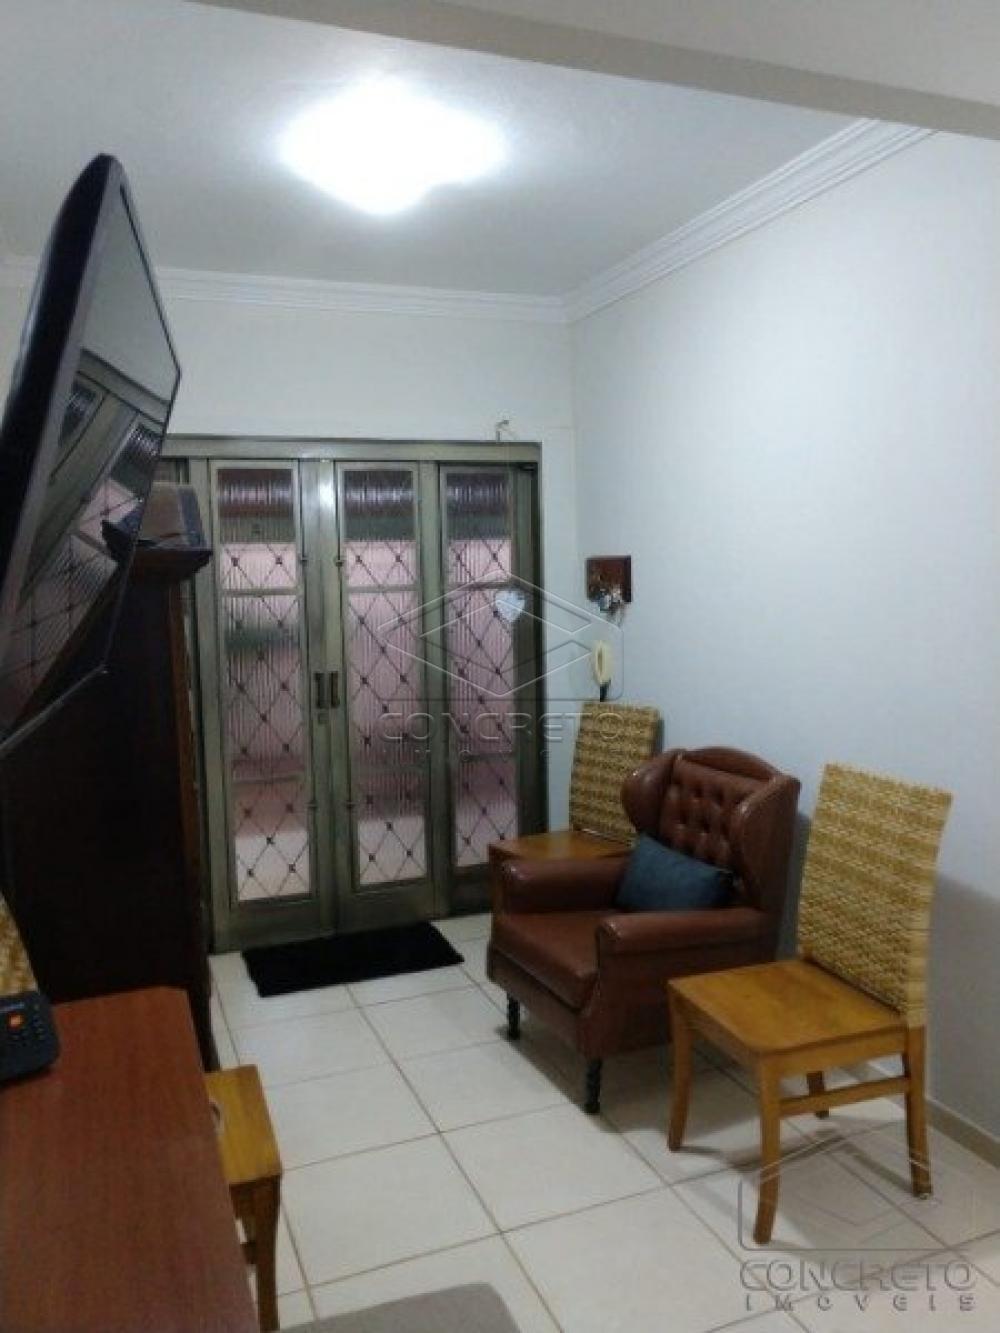 Comprar Casa / Residencia em Jaú apenas R$ 255.000,00 - Foto 9